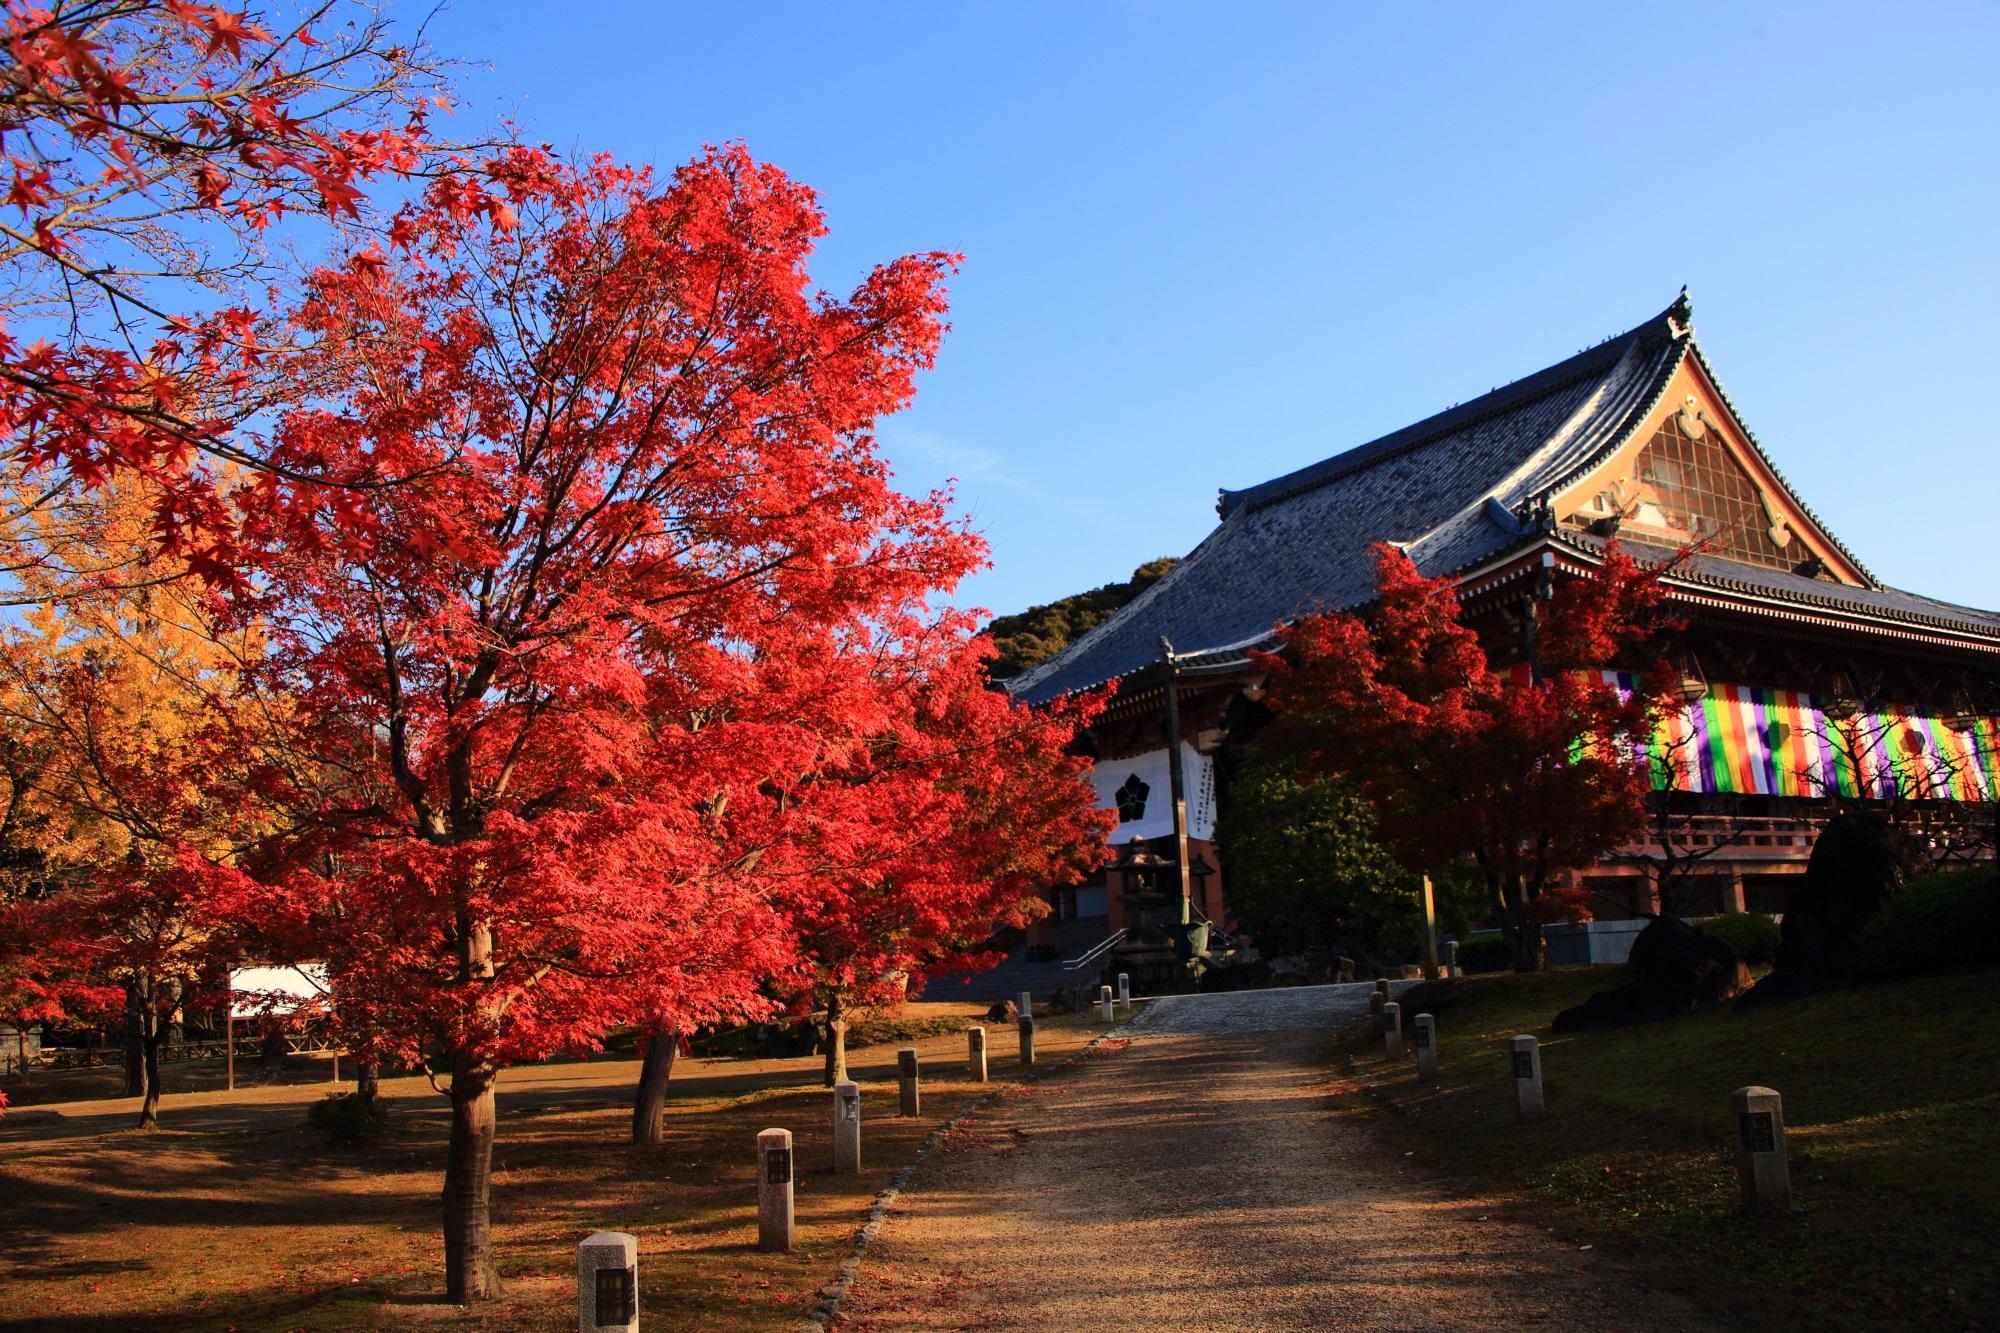 溢れる多彩な秋色と凛として構える金堂